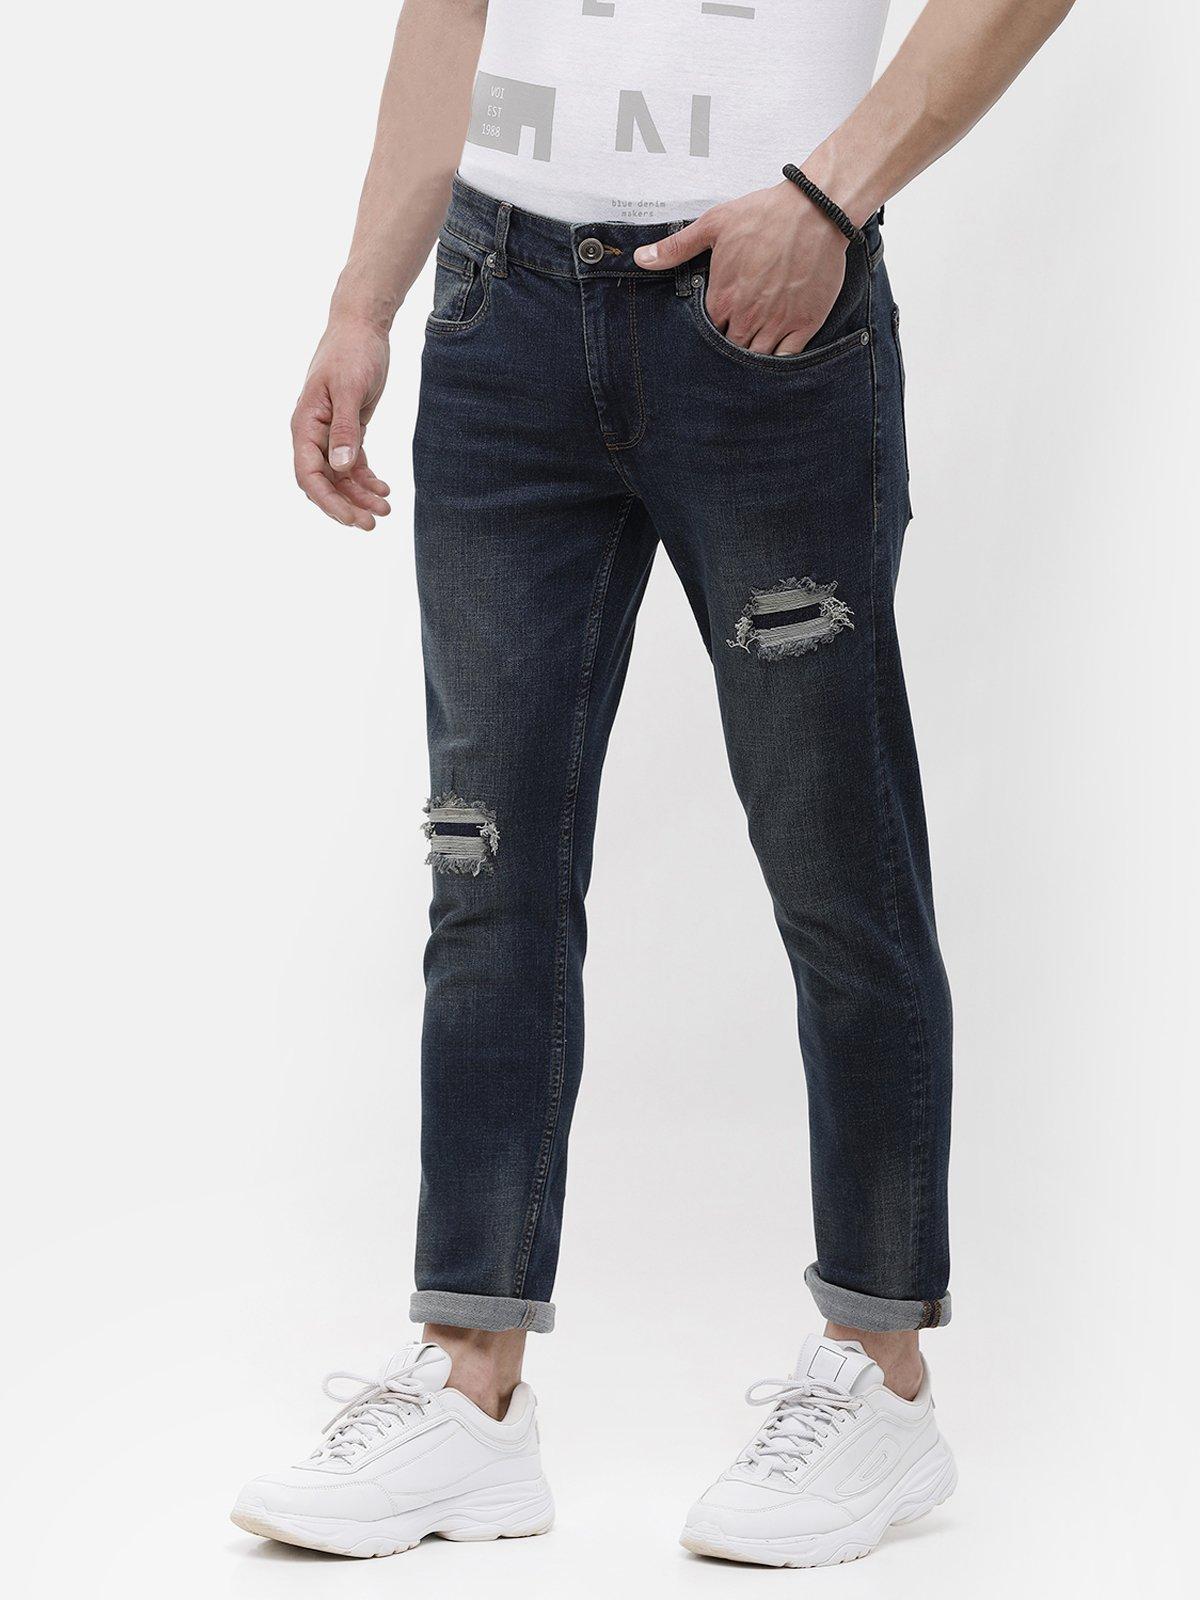 Voi Jeans   Dark Blue Jeans (VOJN1335)